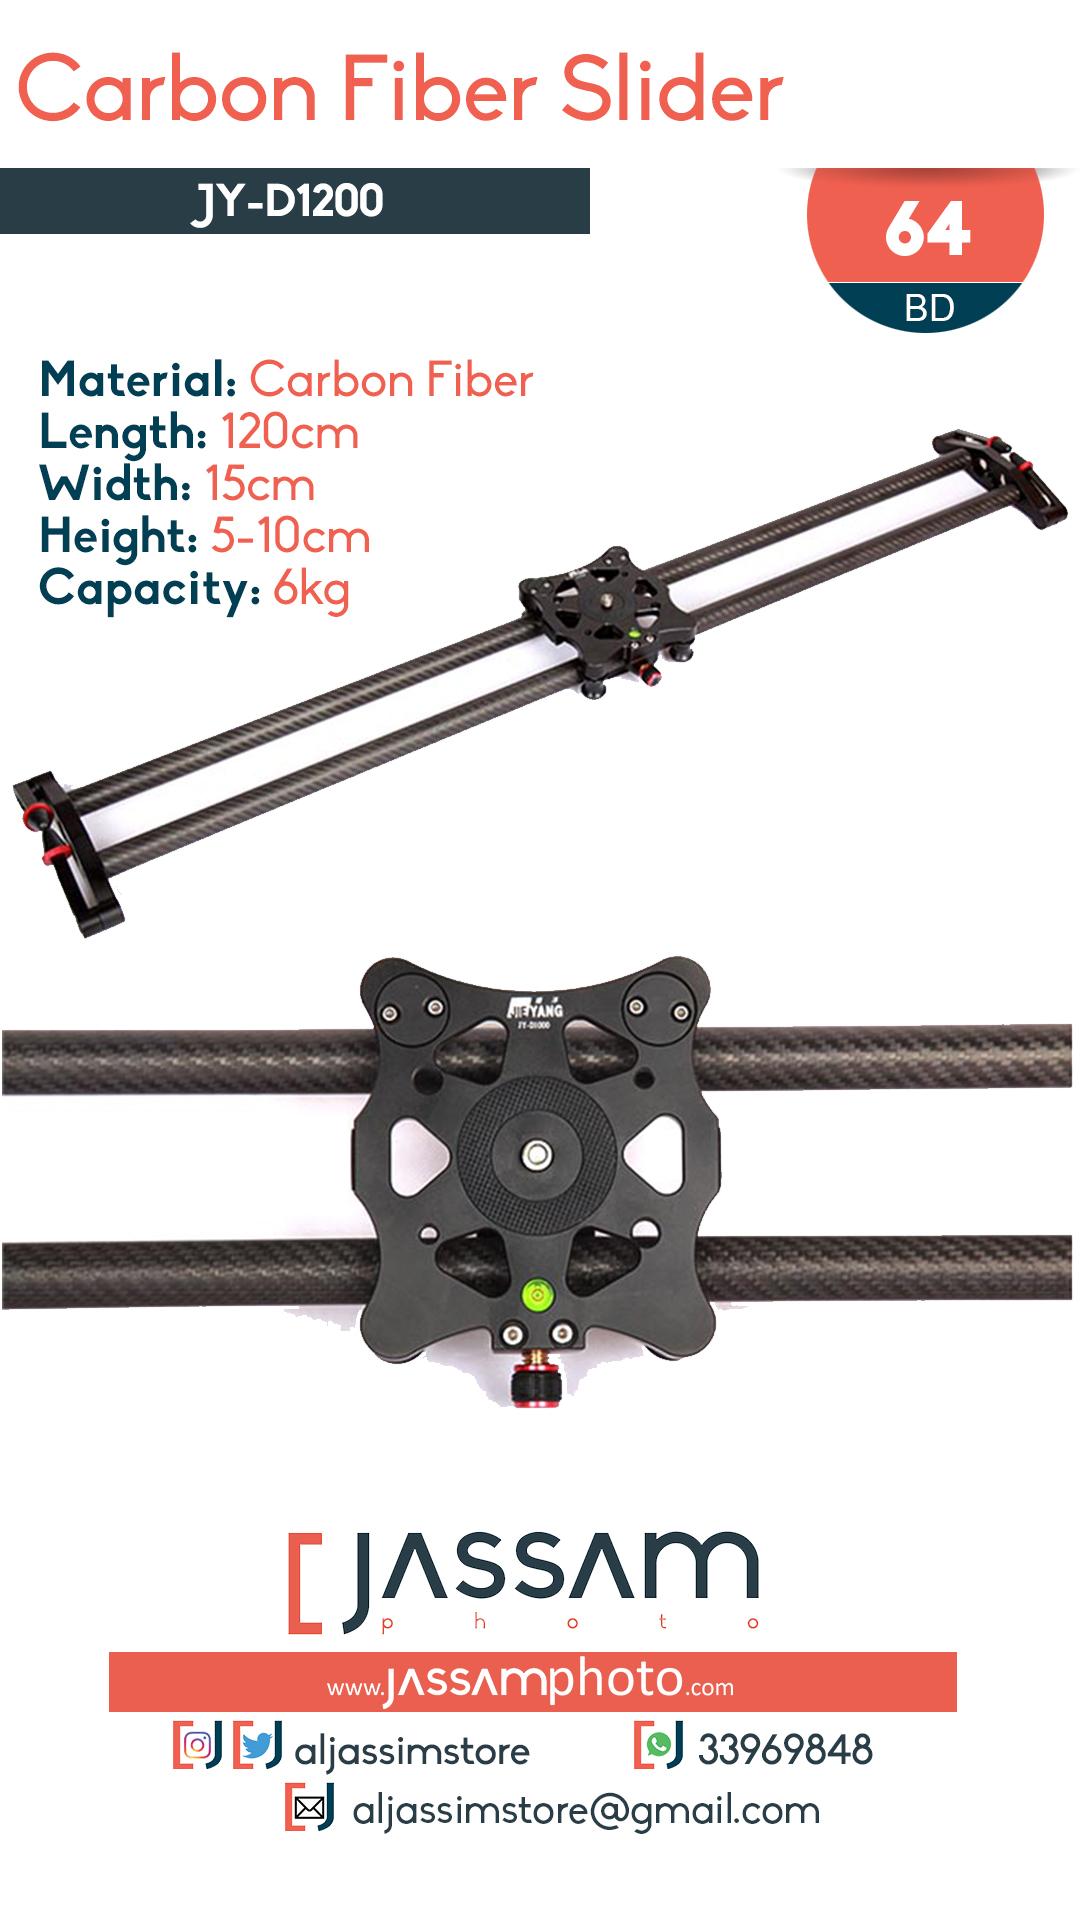 Carbon Fiber Slider JY-D1200